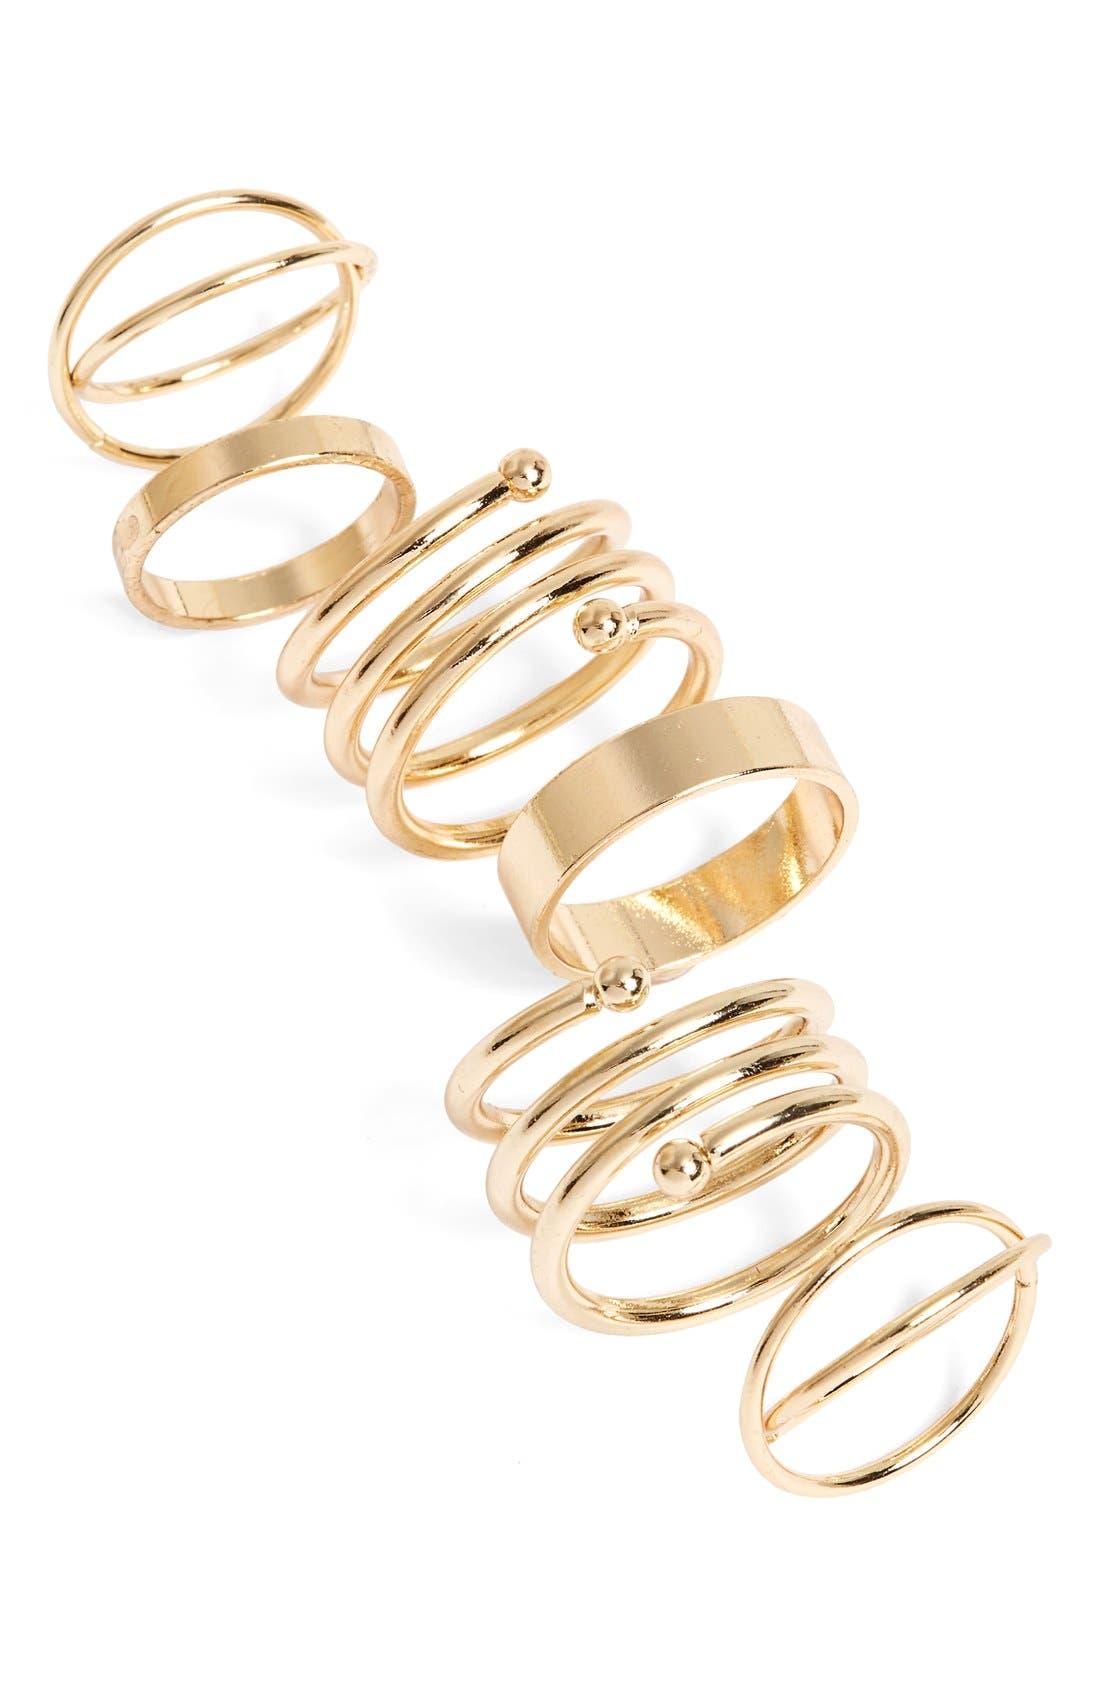 Main Image - BP. Rings (Set of 6)